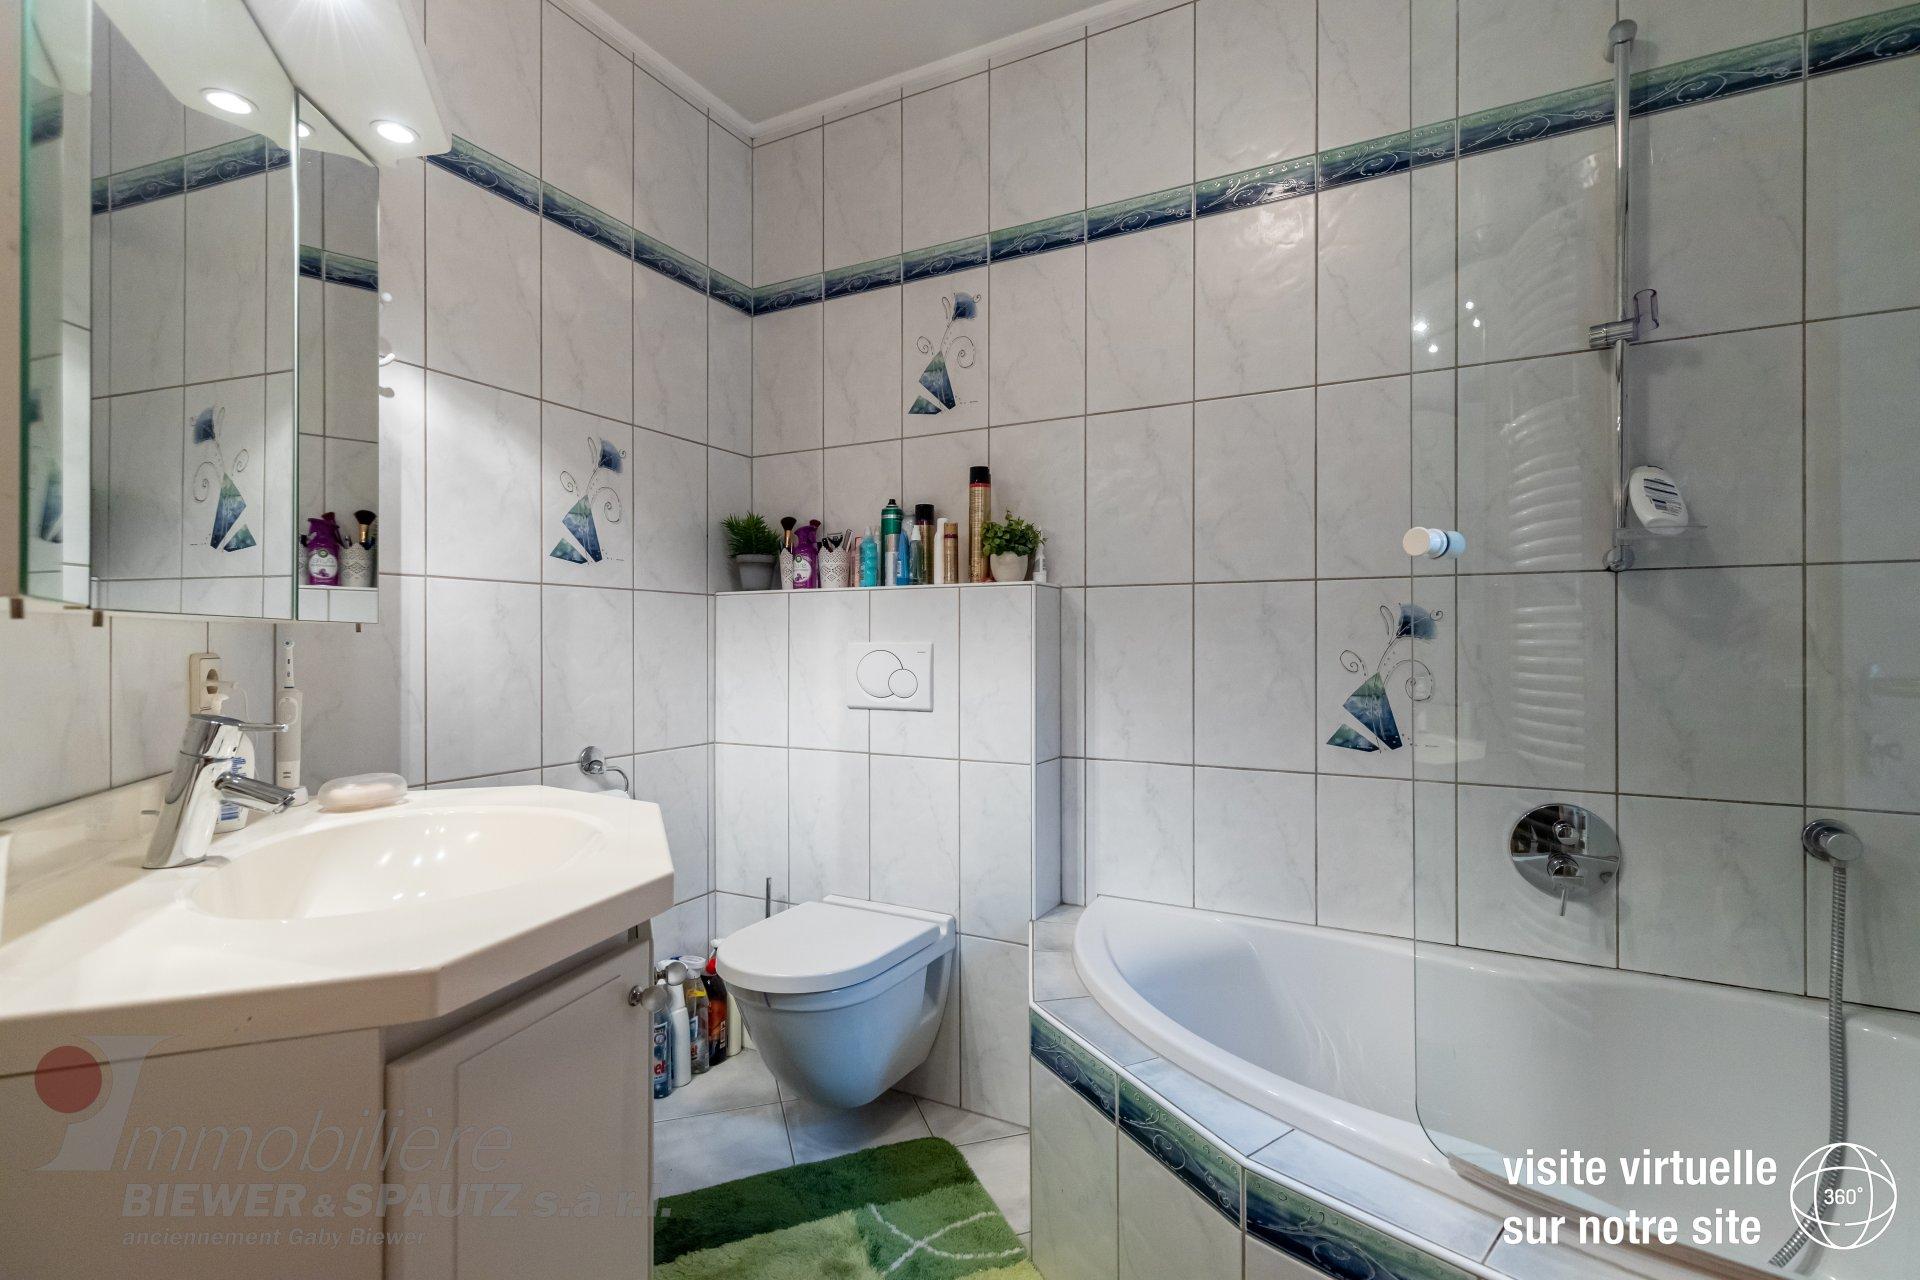 SOUS COMPROMIS - maison jumelée avec 3 chambres à coucher à Reuland